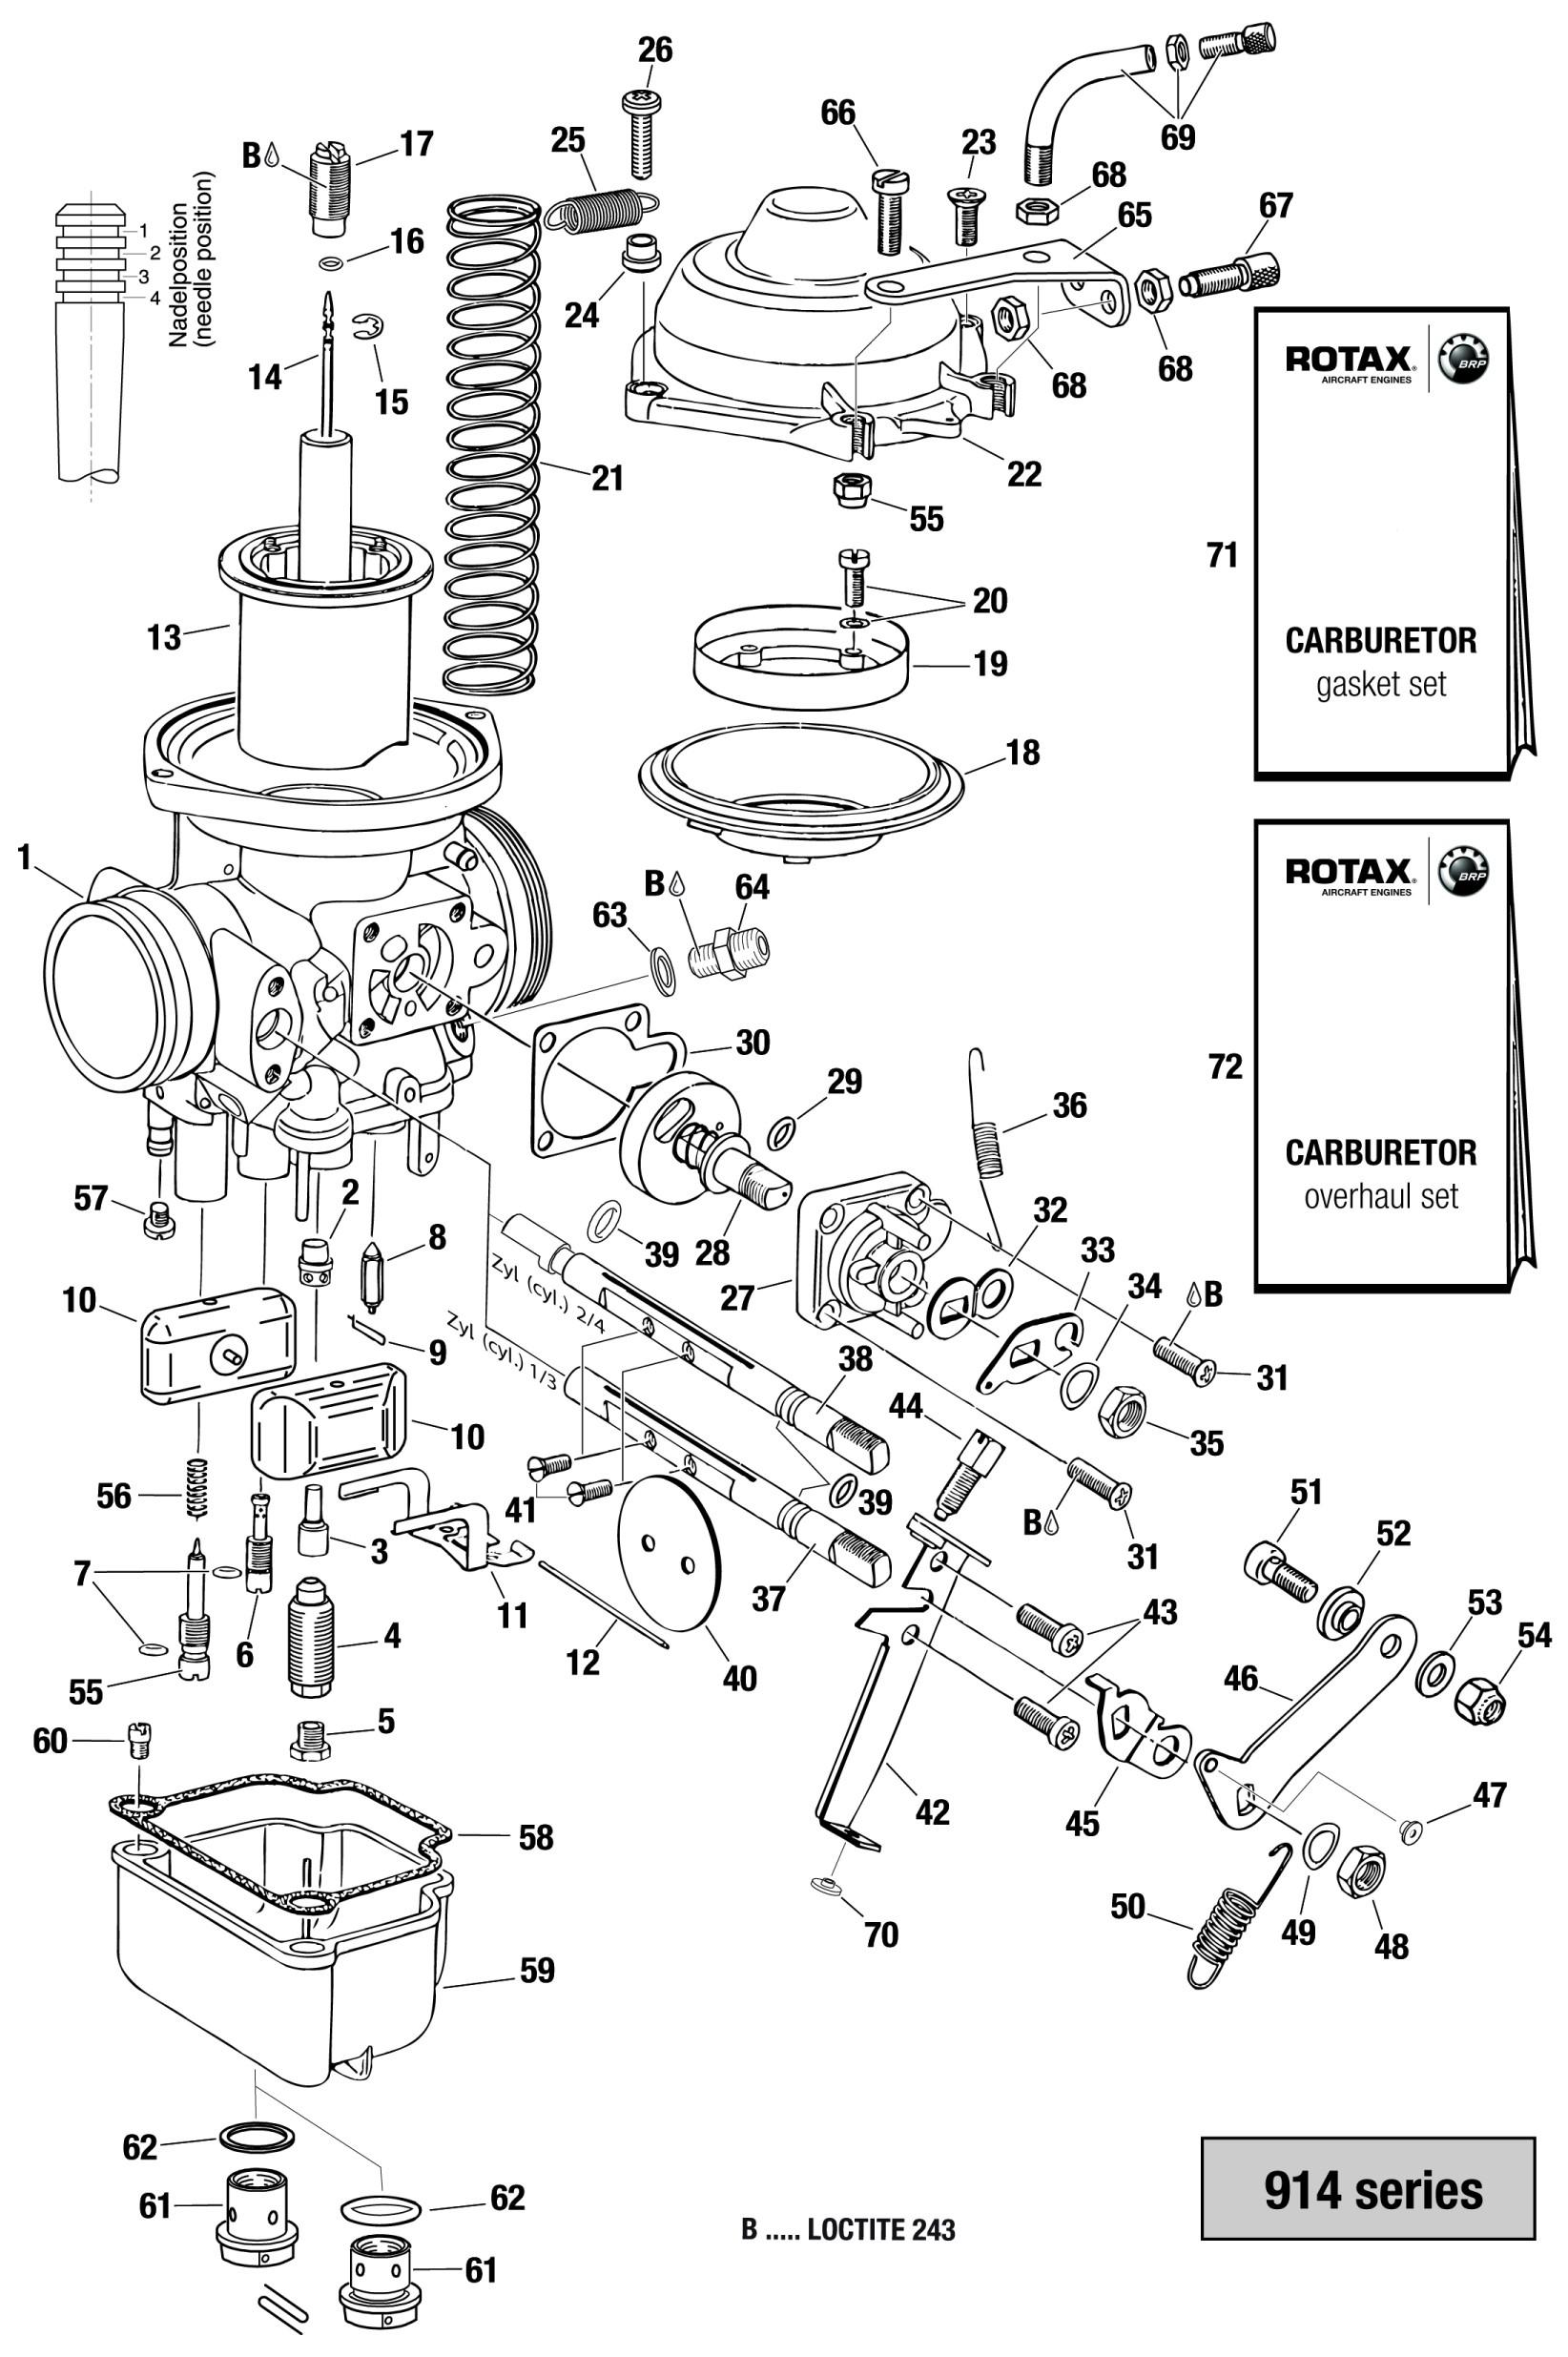 914 series carburetor